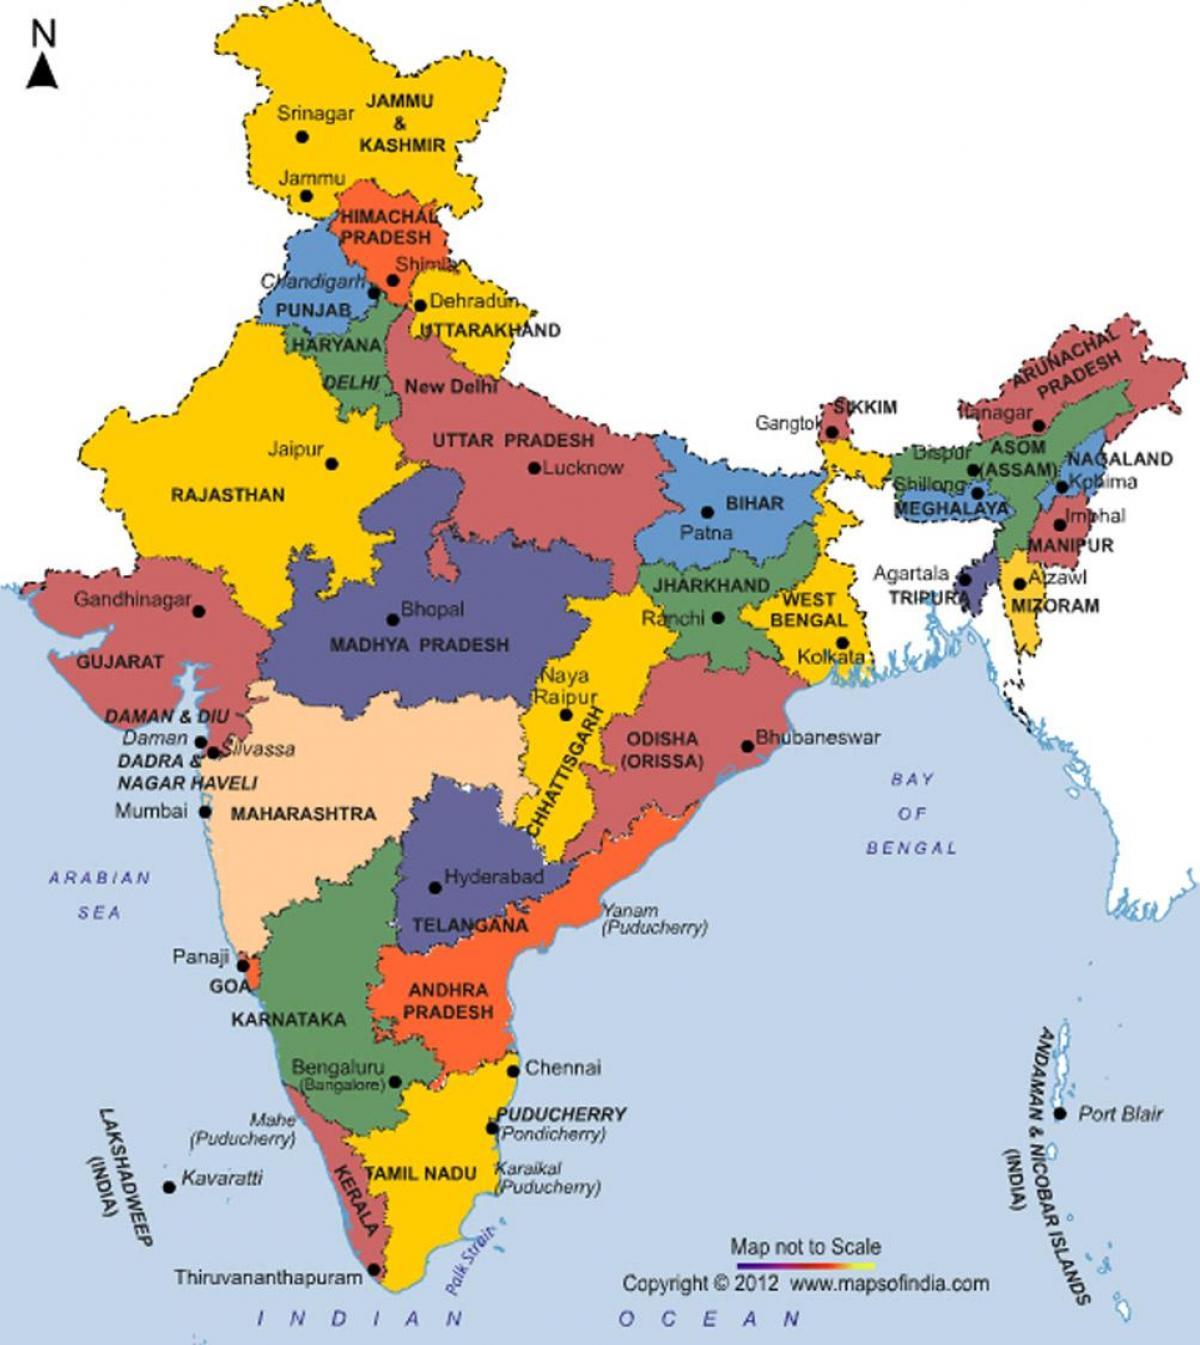 Uusin Kartta Intian Ja Intian Uusin Kartta Etela Aasia Aasia